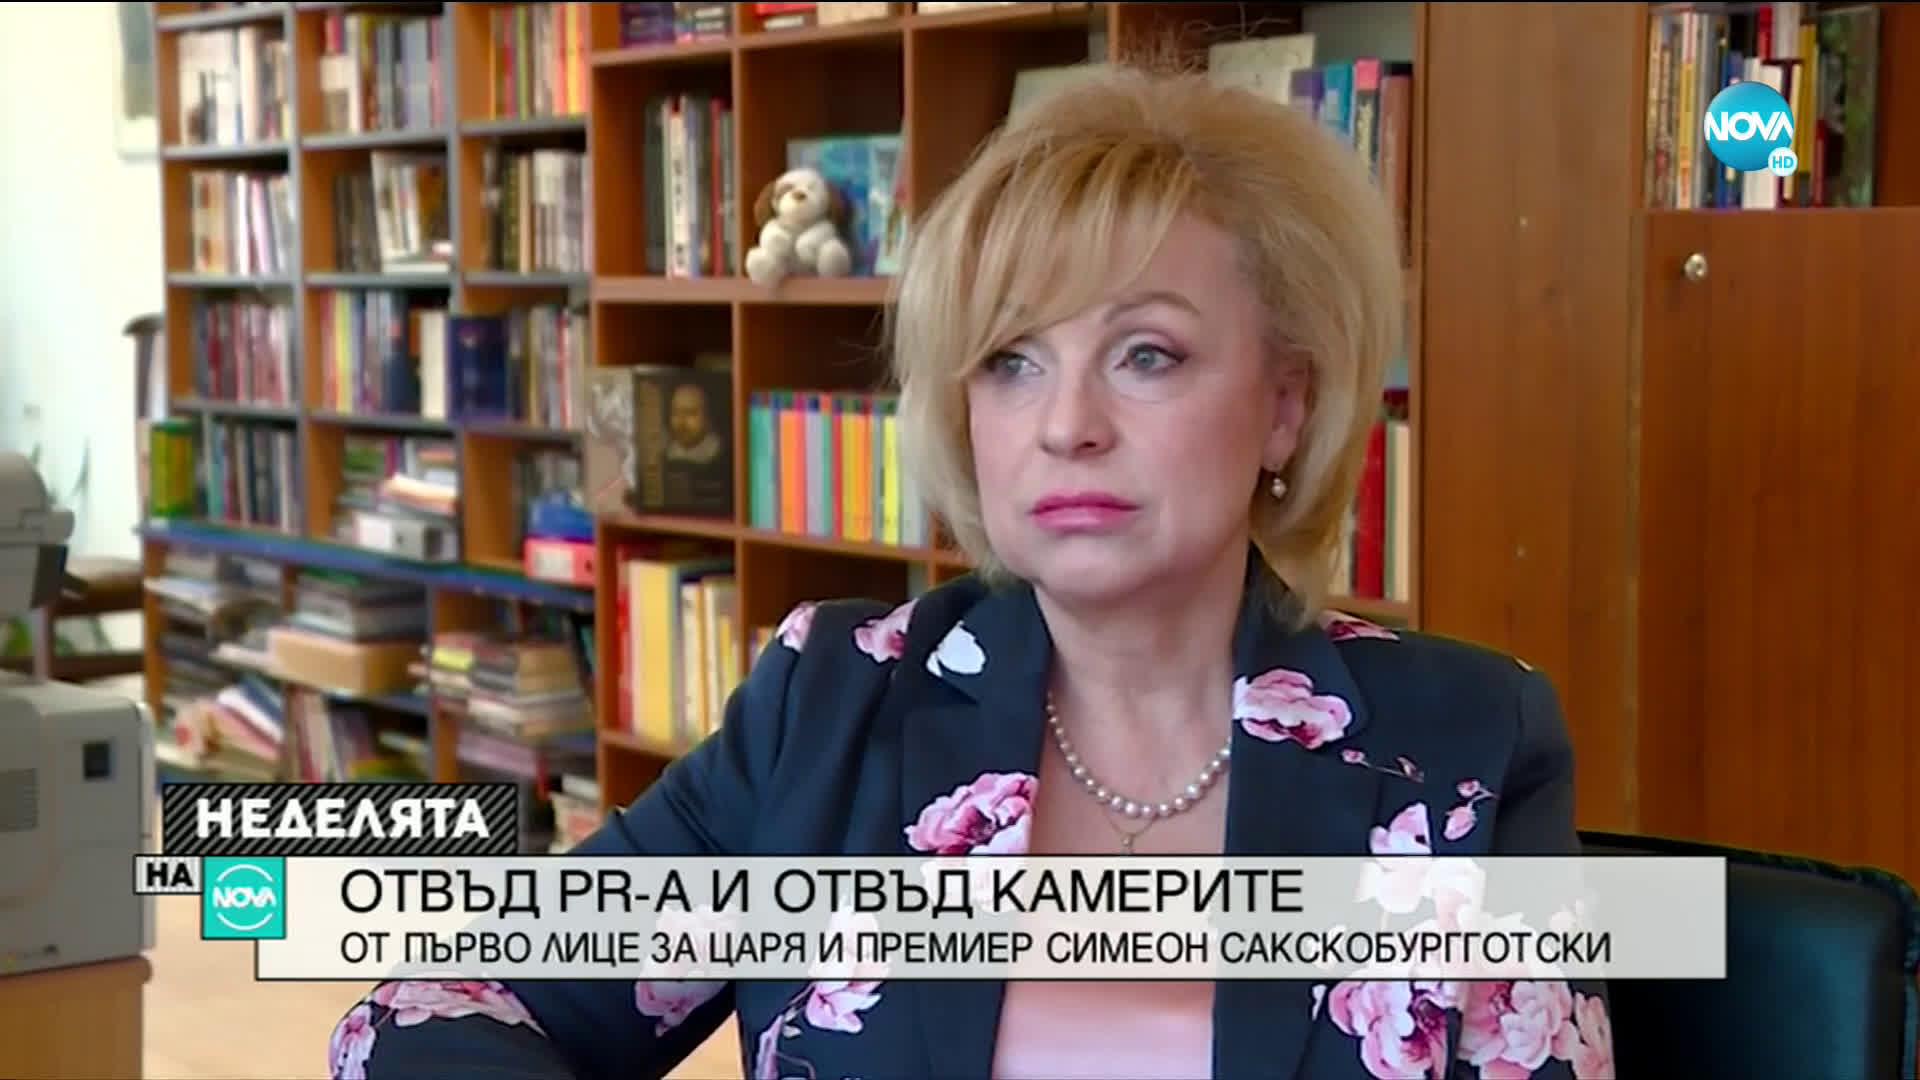 ОТВЪД PR-A: Цветелина Узунова за царя и премиер Симеон Сакскобургготски